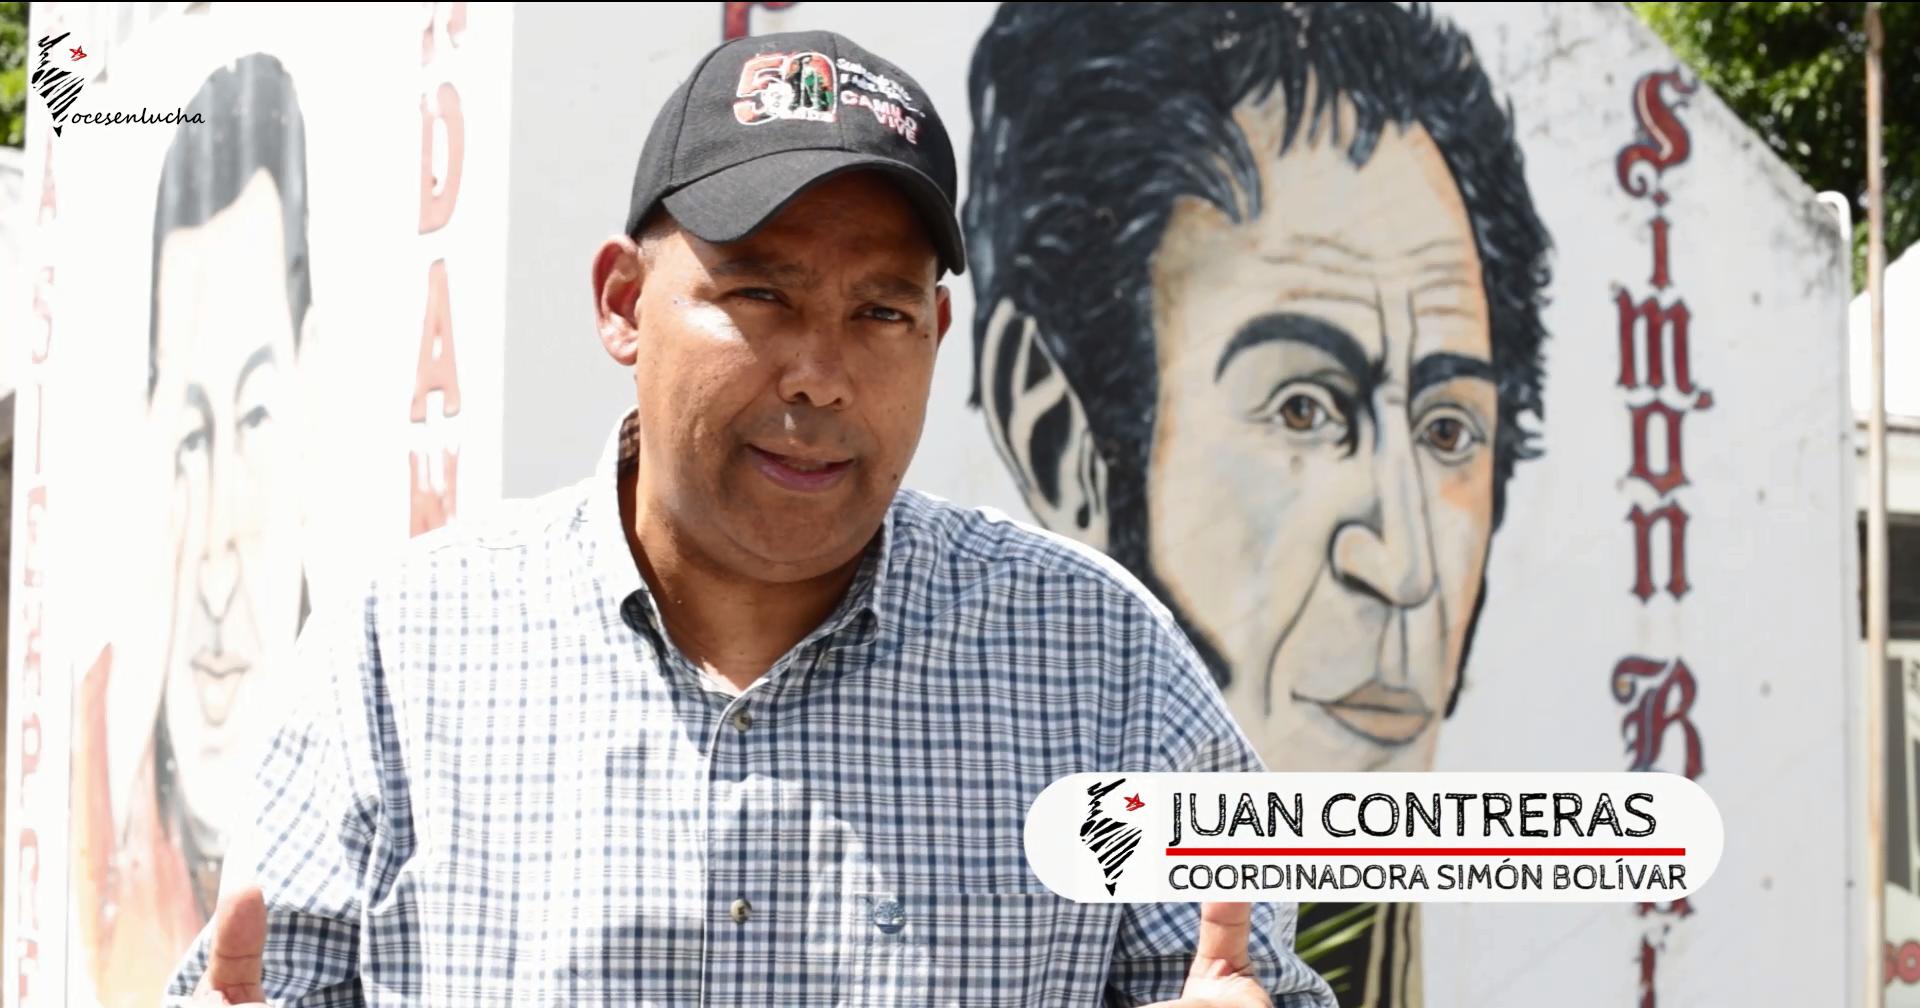 Juan Contreras. Coordinadora Simón Bolívar - Vocesenlucha